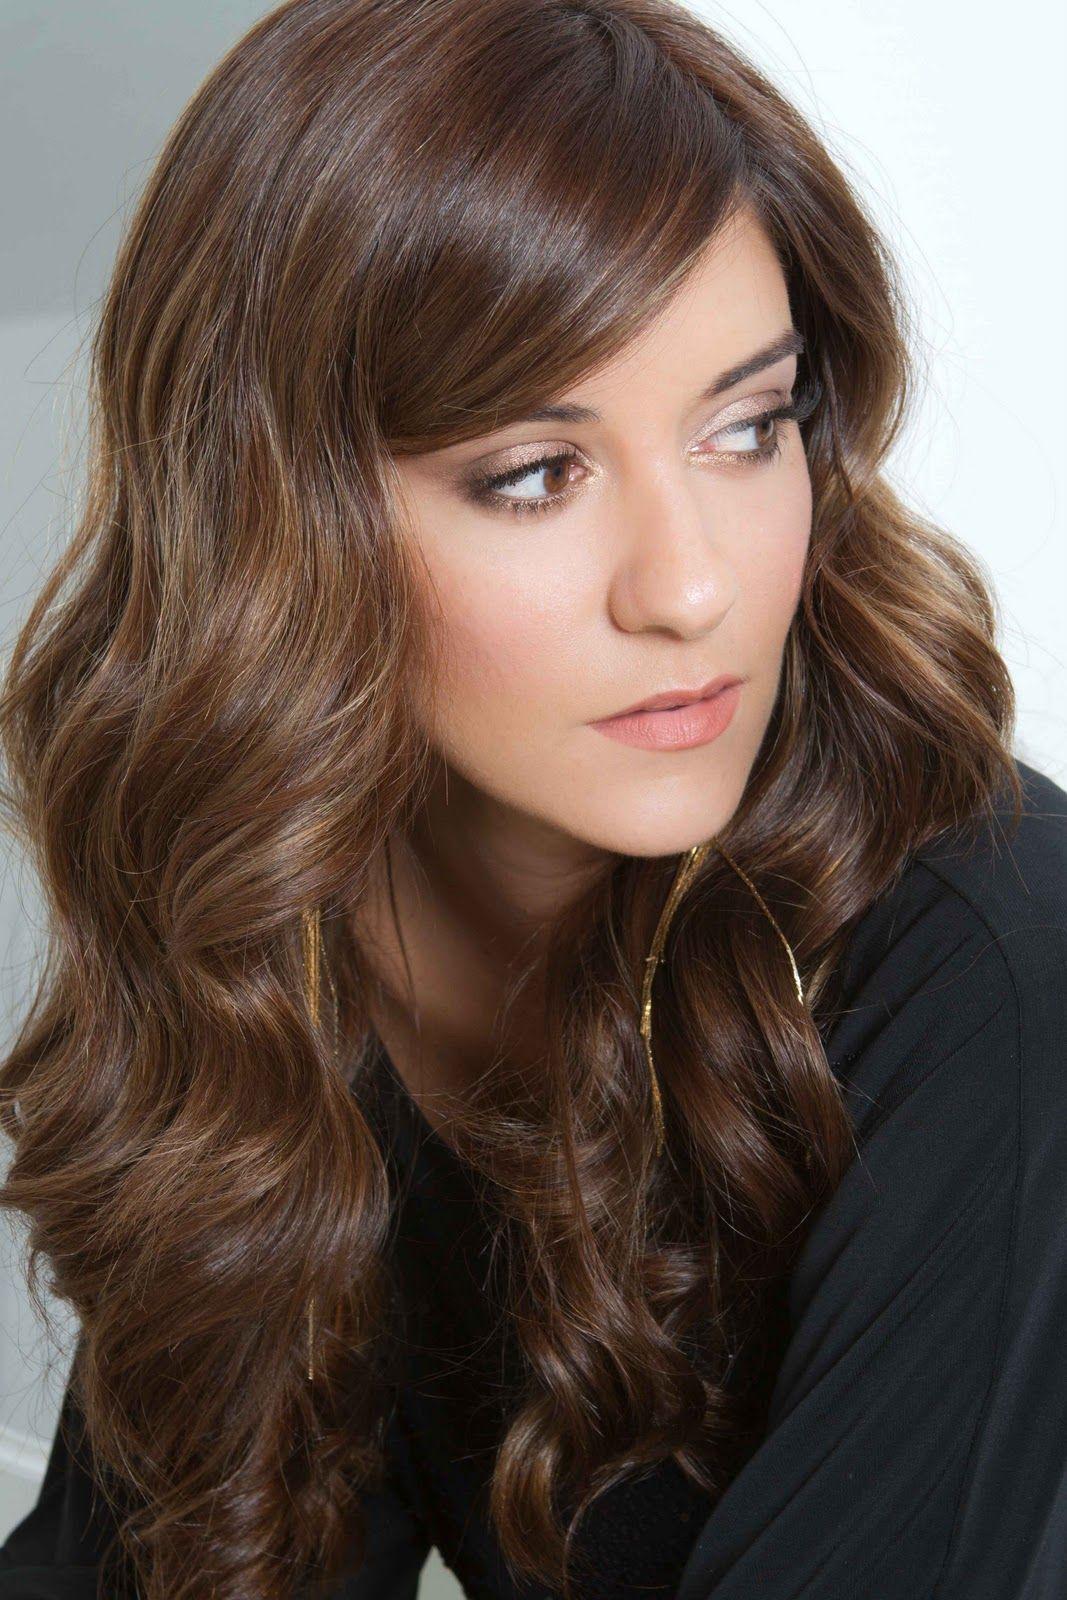 Revlon Light Golden Brown Hair Color